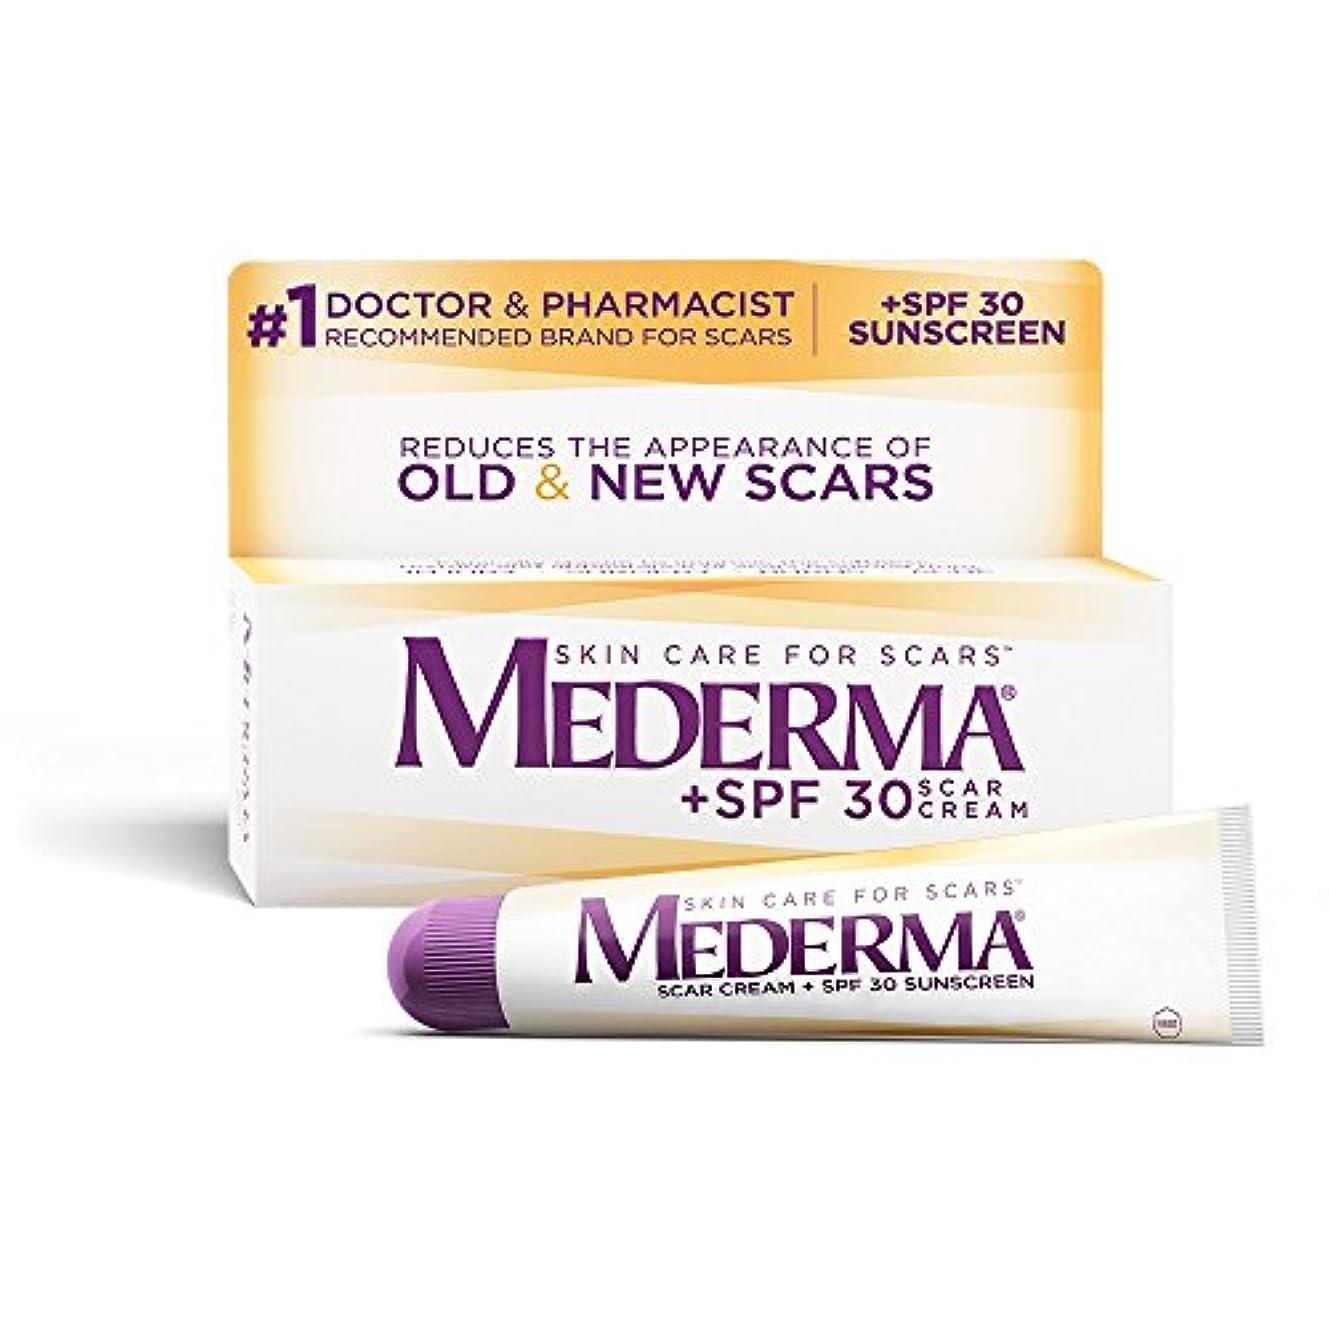 リング顎アスペクトMederma 社 日焼け止め成分SPF30配合 メドロマ(メデルマ) 1本 20g Mederma Scar Cream Plus SPF 30